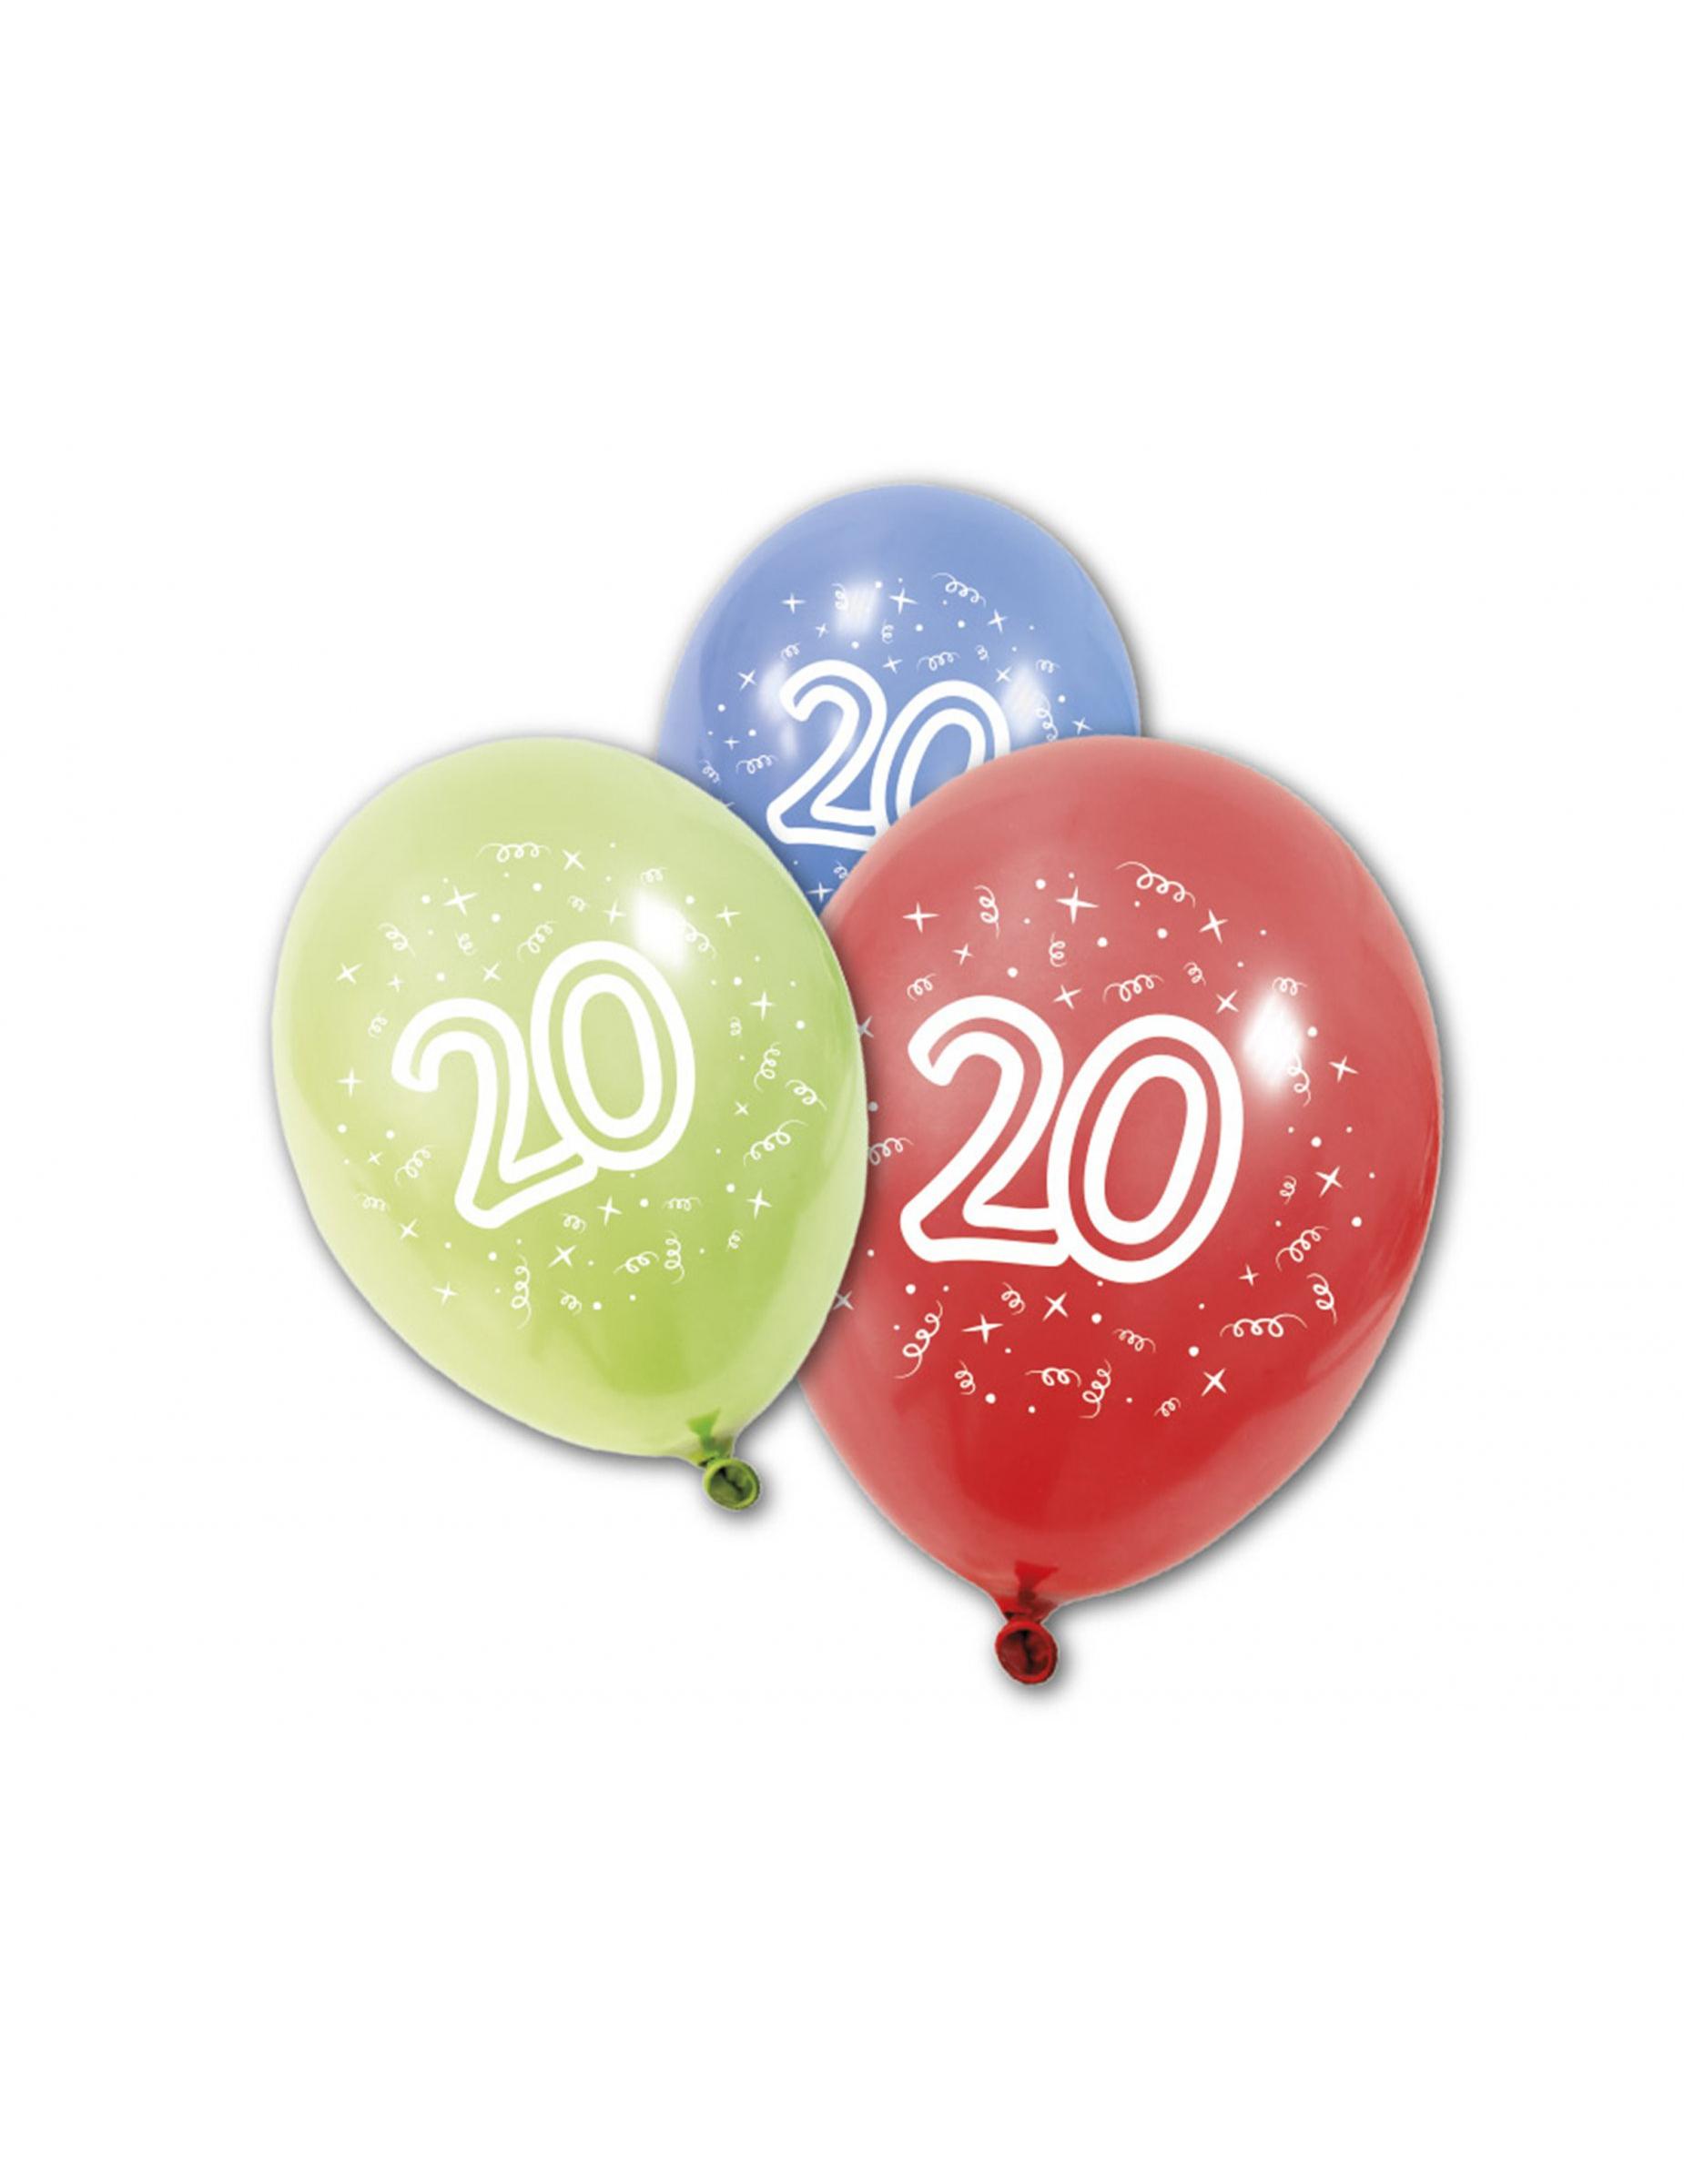 Geburtstags Luftballons 20 Jahre 8 Stück